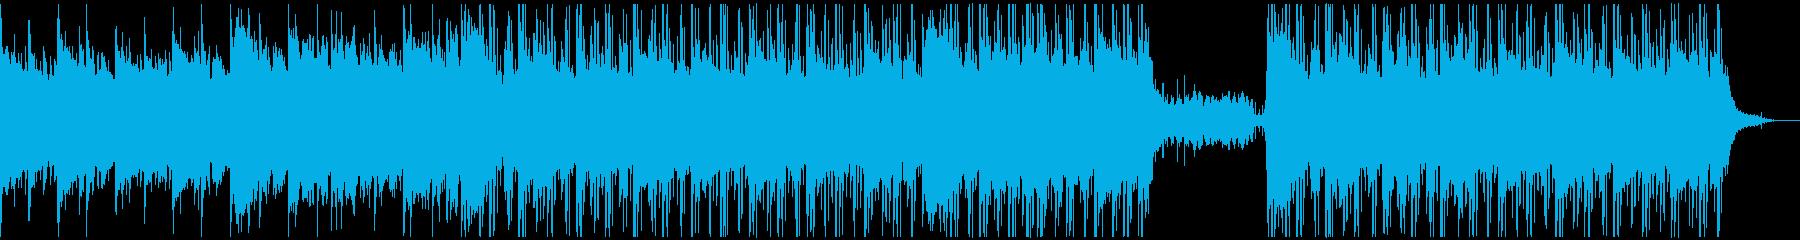 お酒のある風景Lo-Fi HIPHOPの再生済みの波形